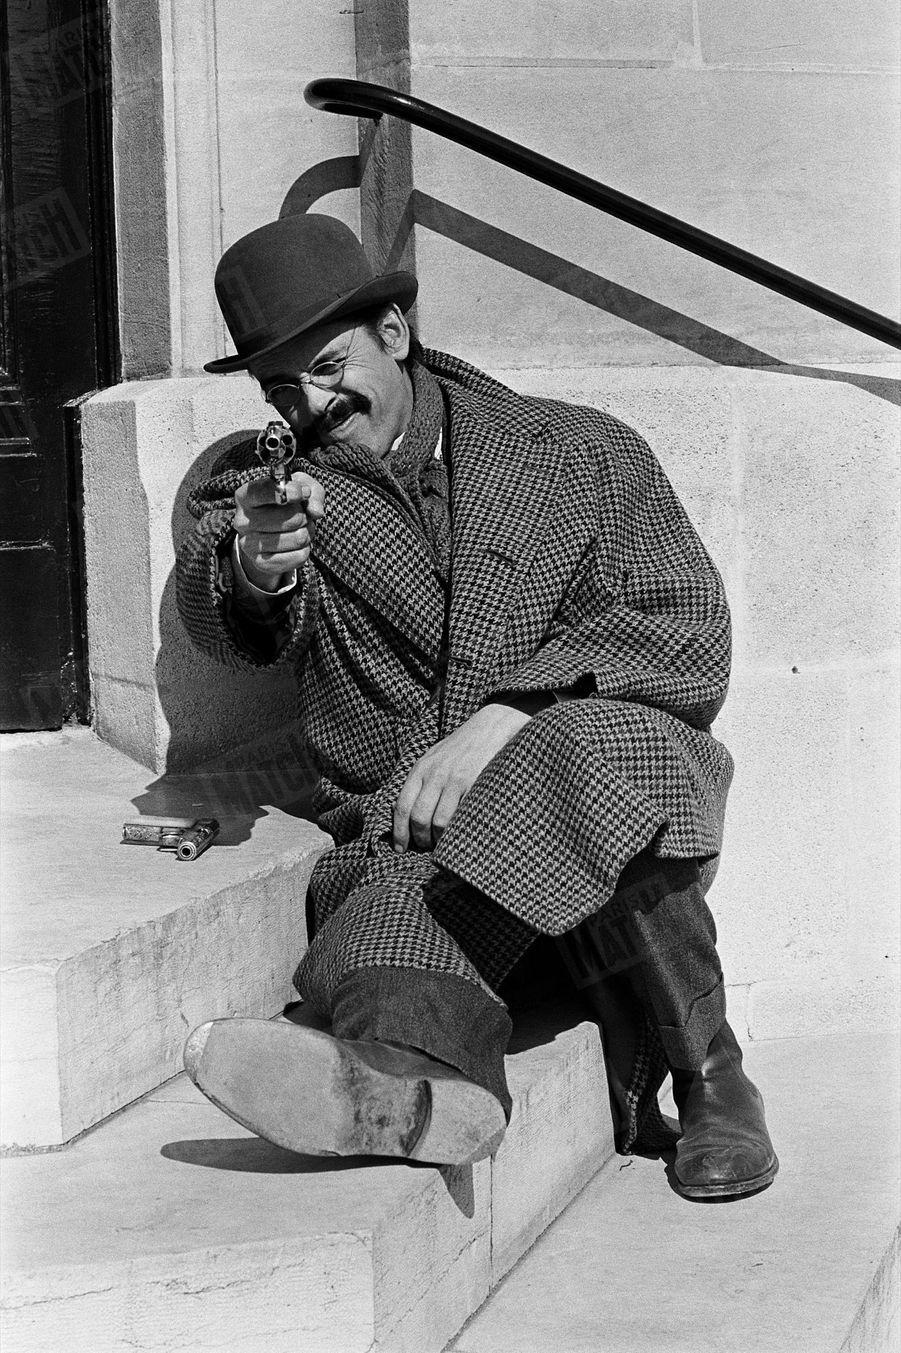 """Jacques Brel sur le tournage du film """"La Bande à Bonnot"""" d'Edouard Molinaro, place de l'Opéra à Paris, en avril 1968."""